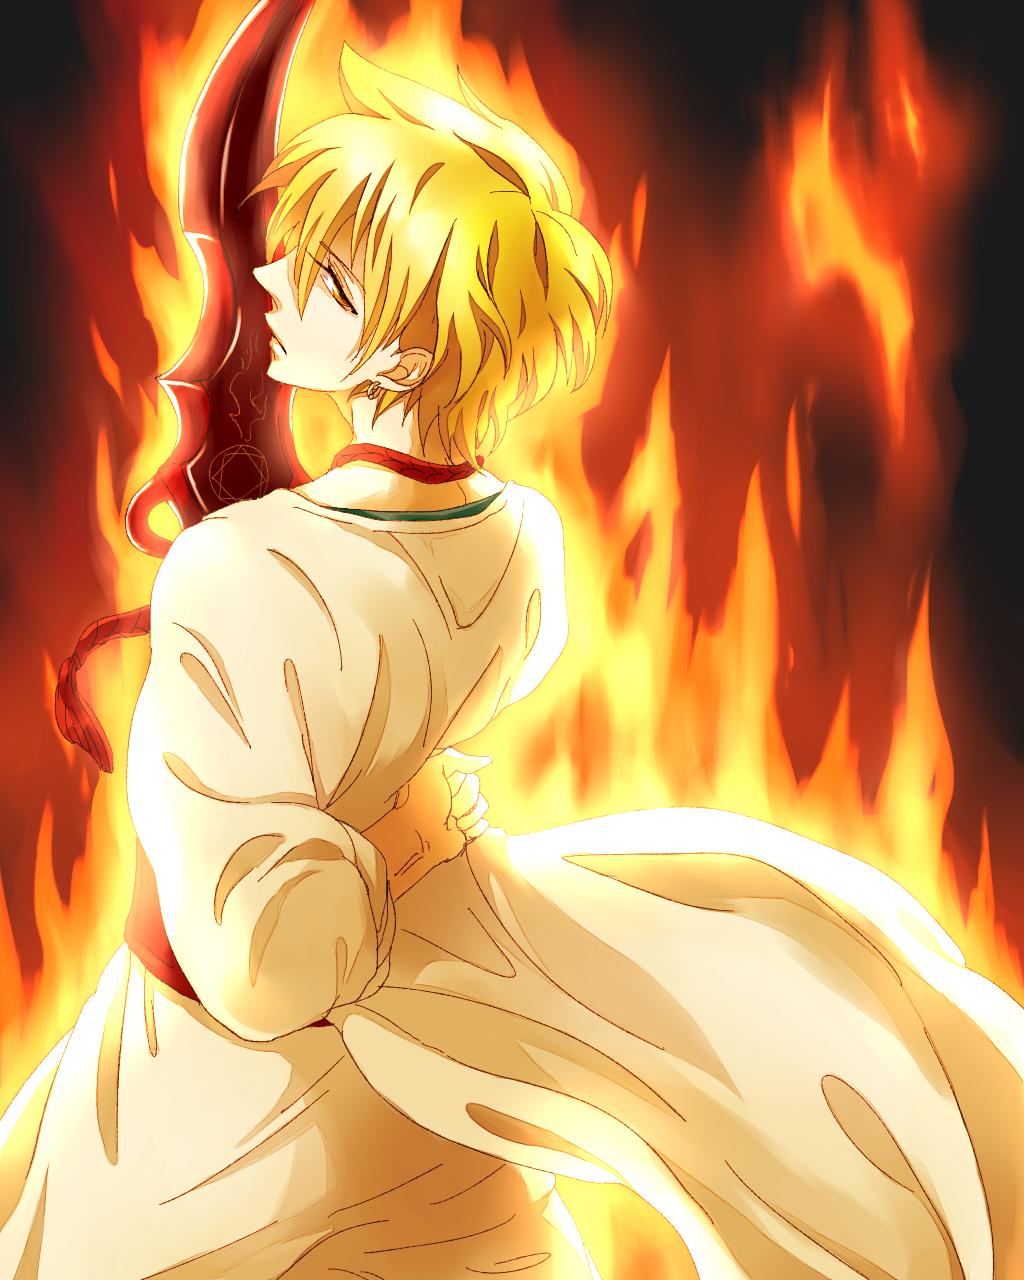 огненный парень картинки любом